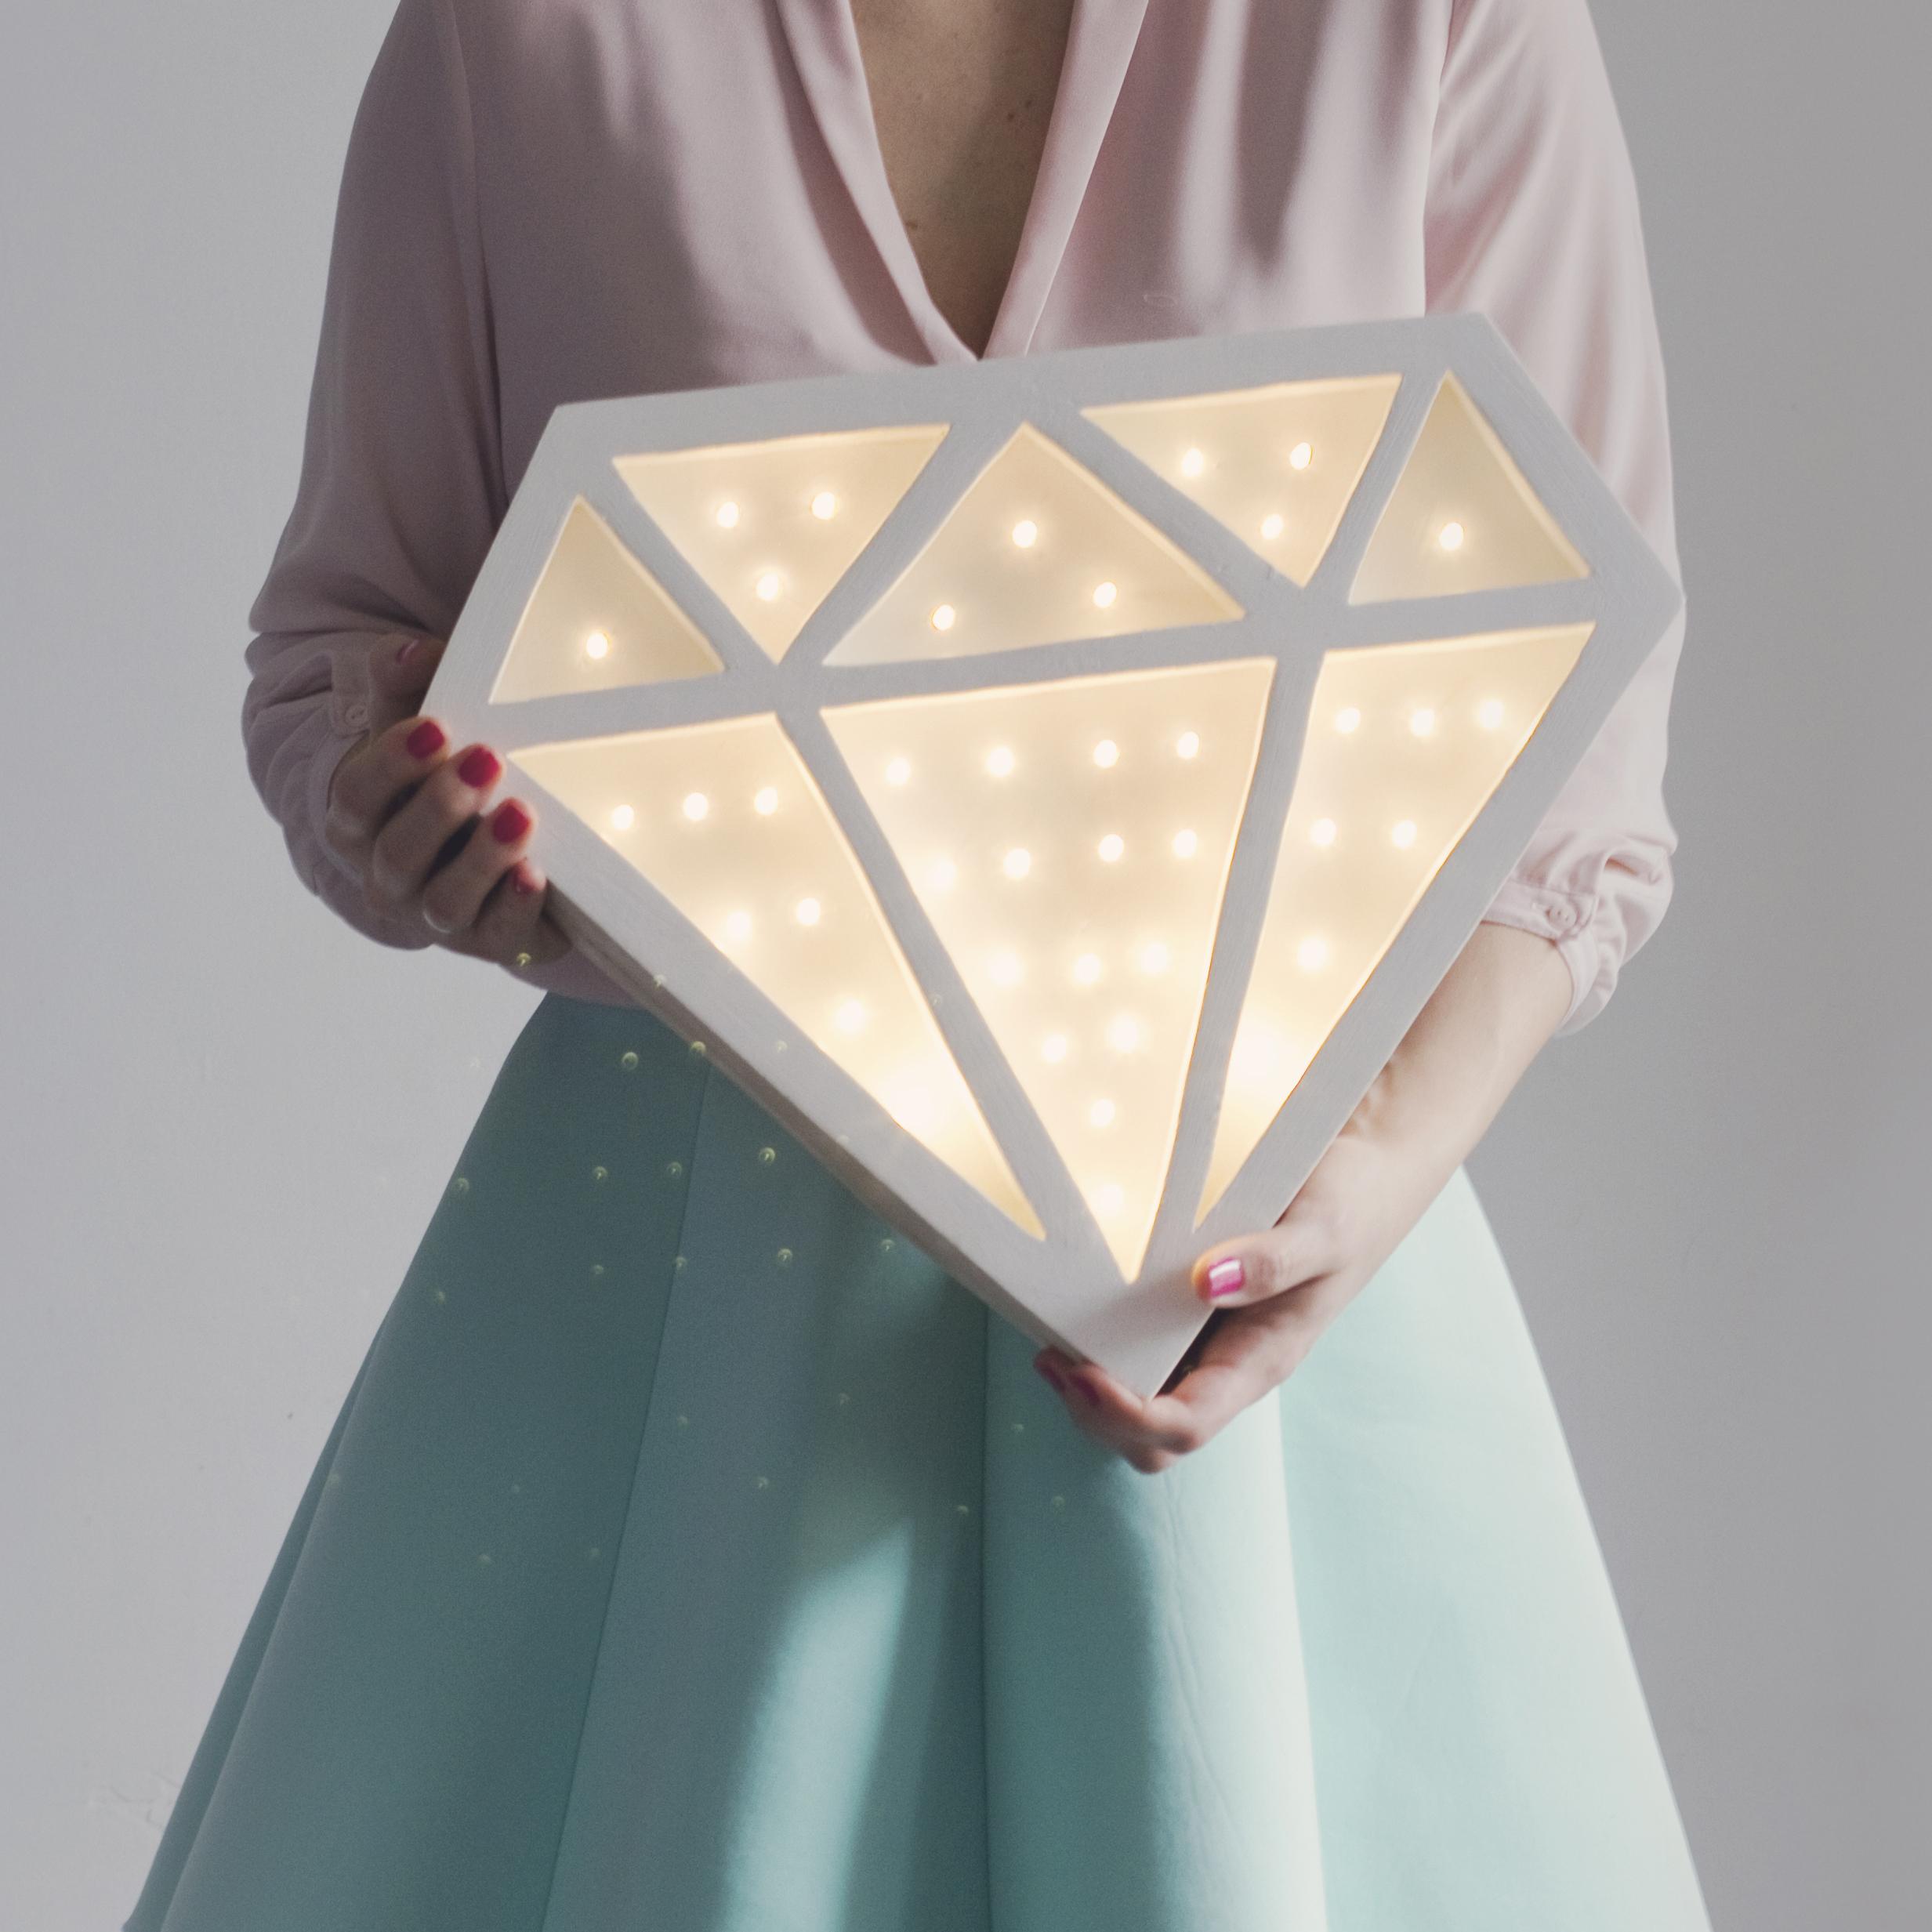 Ciekawy pomysł na prezent dla kobiety